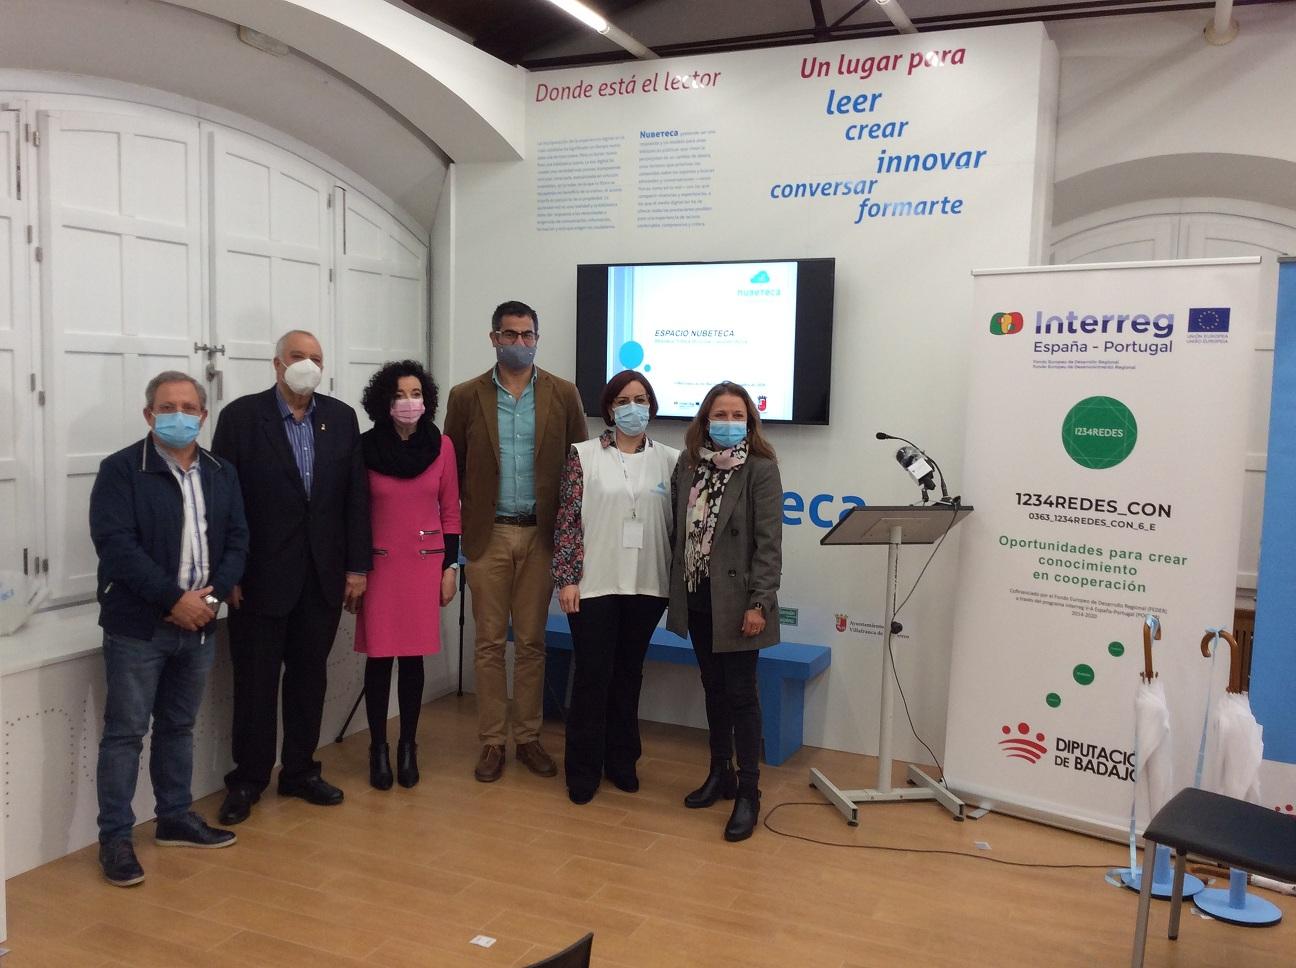 Imagen de la noticia: La biblioteca de Villafranca de los Barros inaugur ...